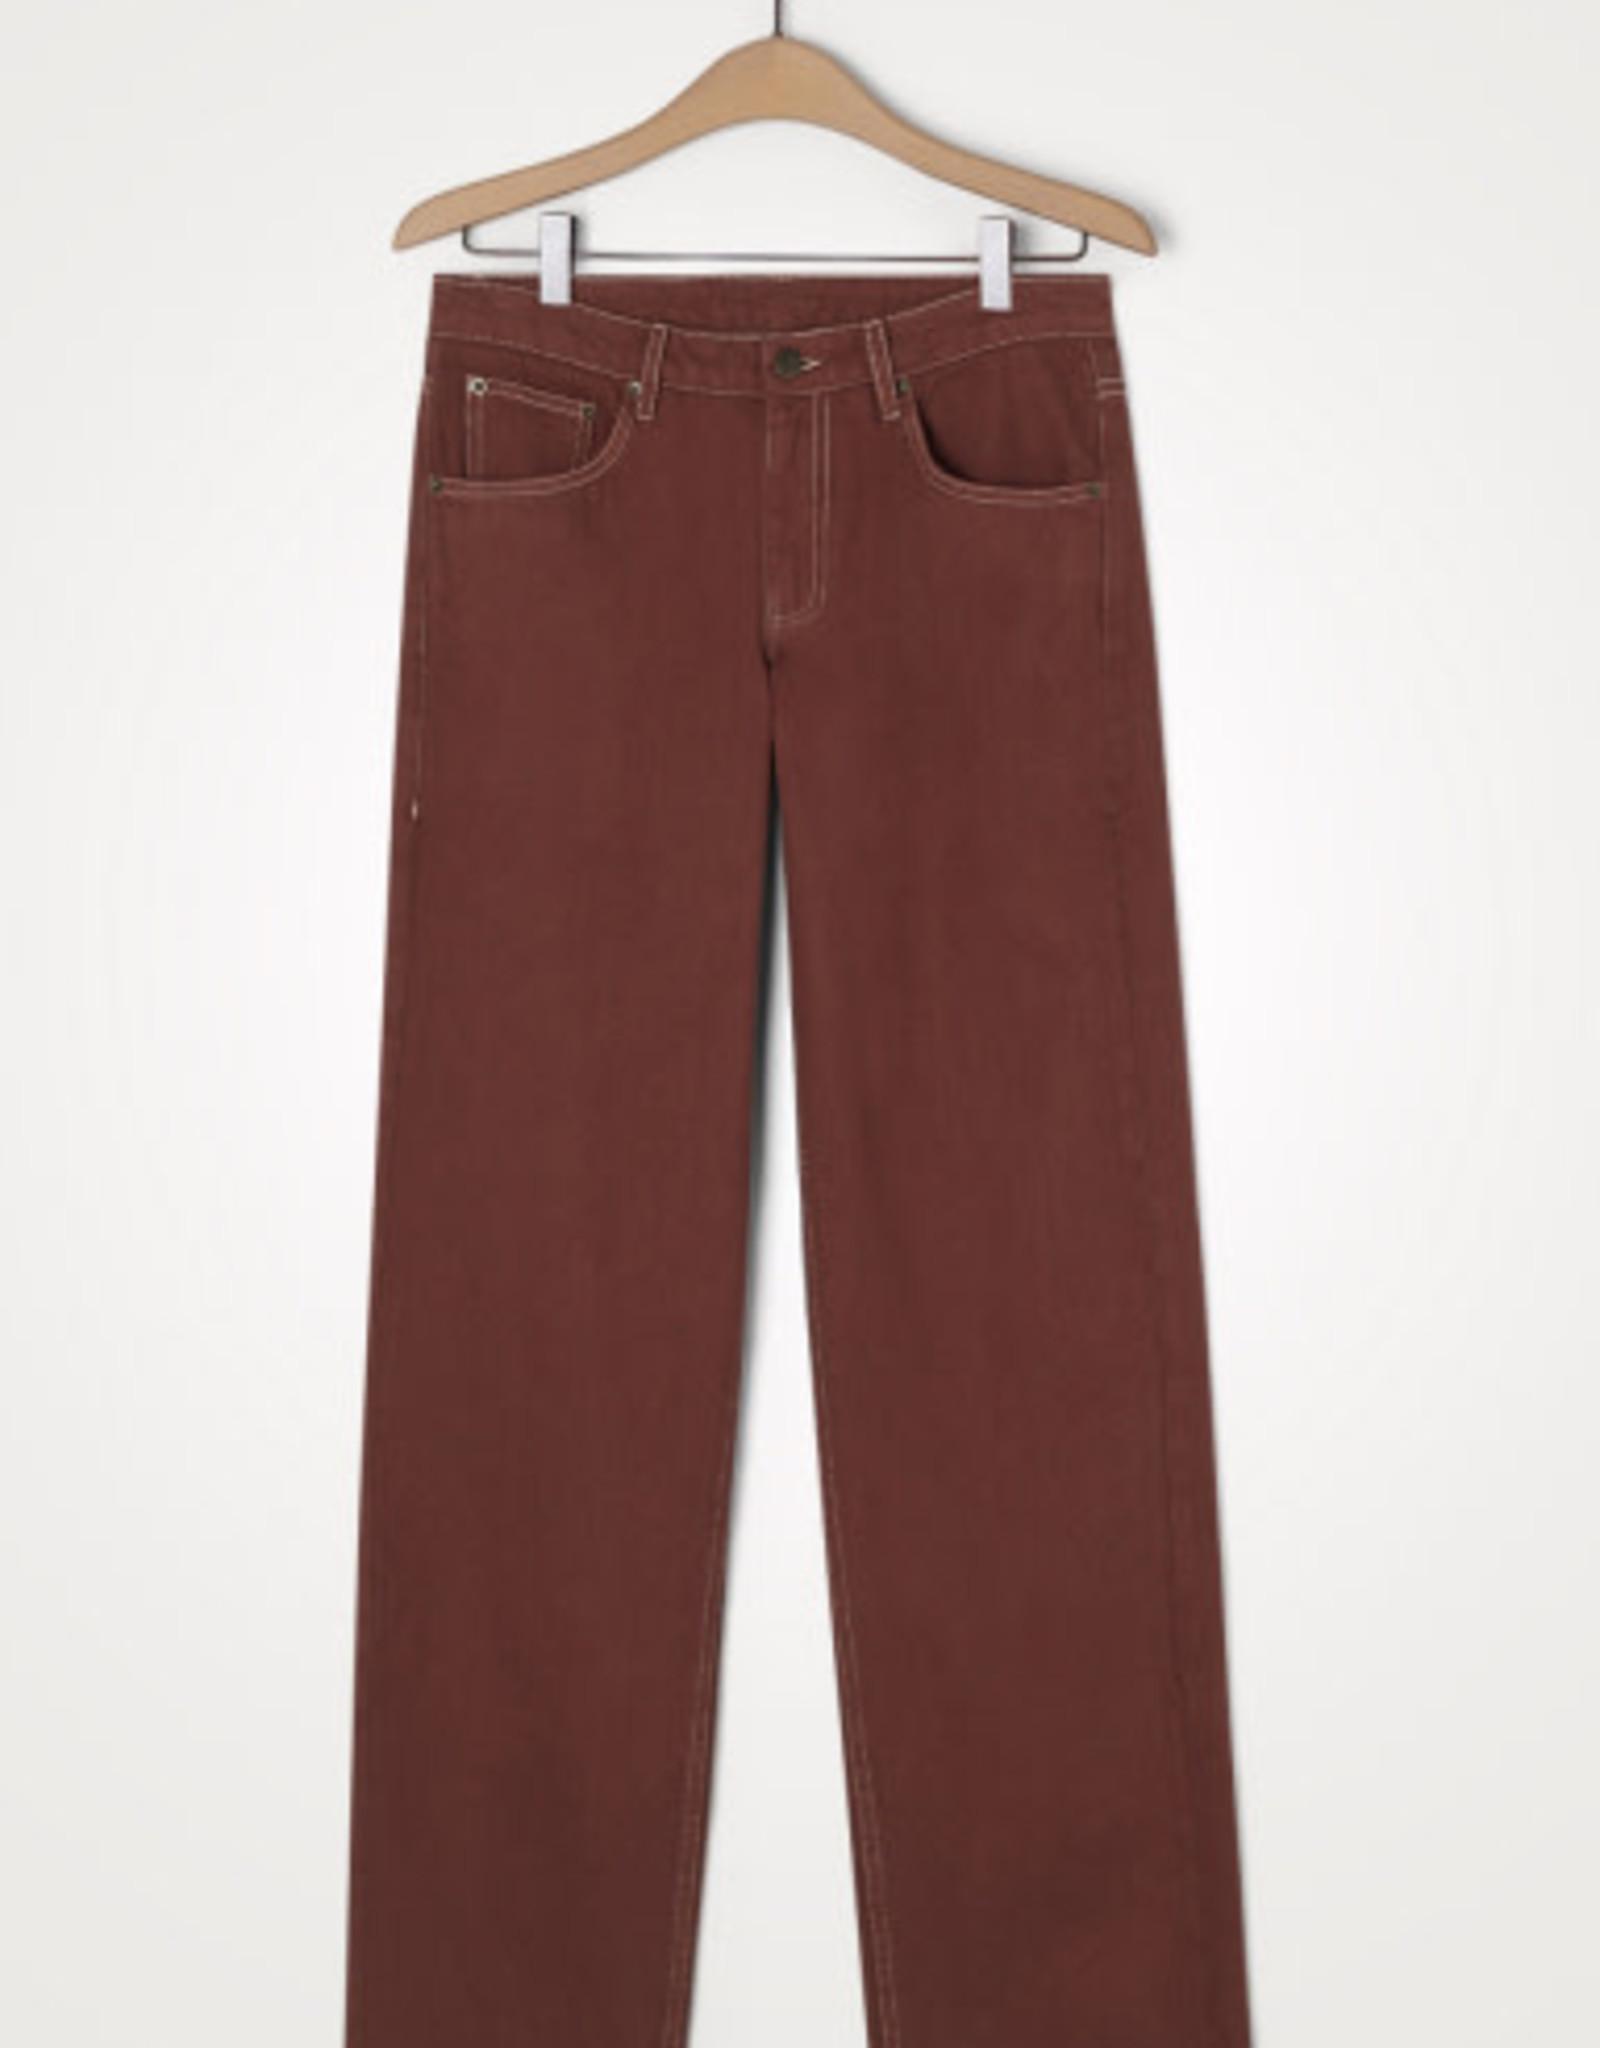 American Vintage Jeans 'Tineborow' Le Droit - Desir - American Vintage